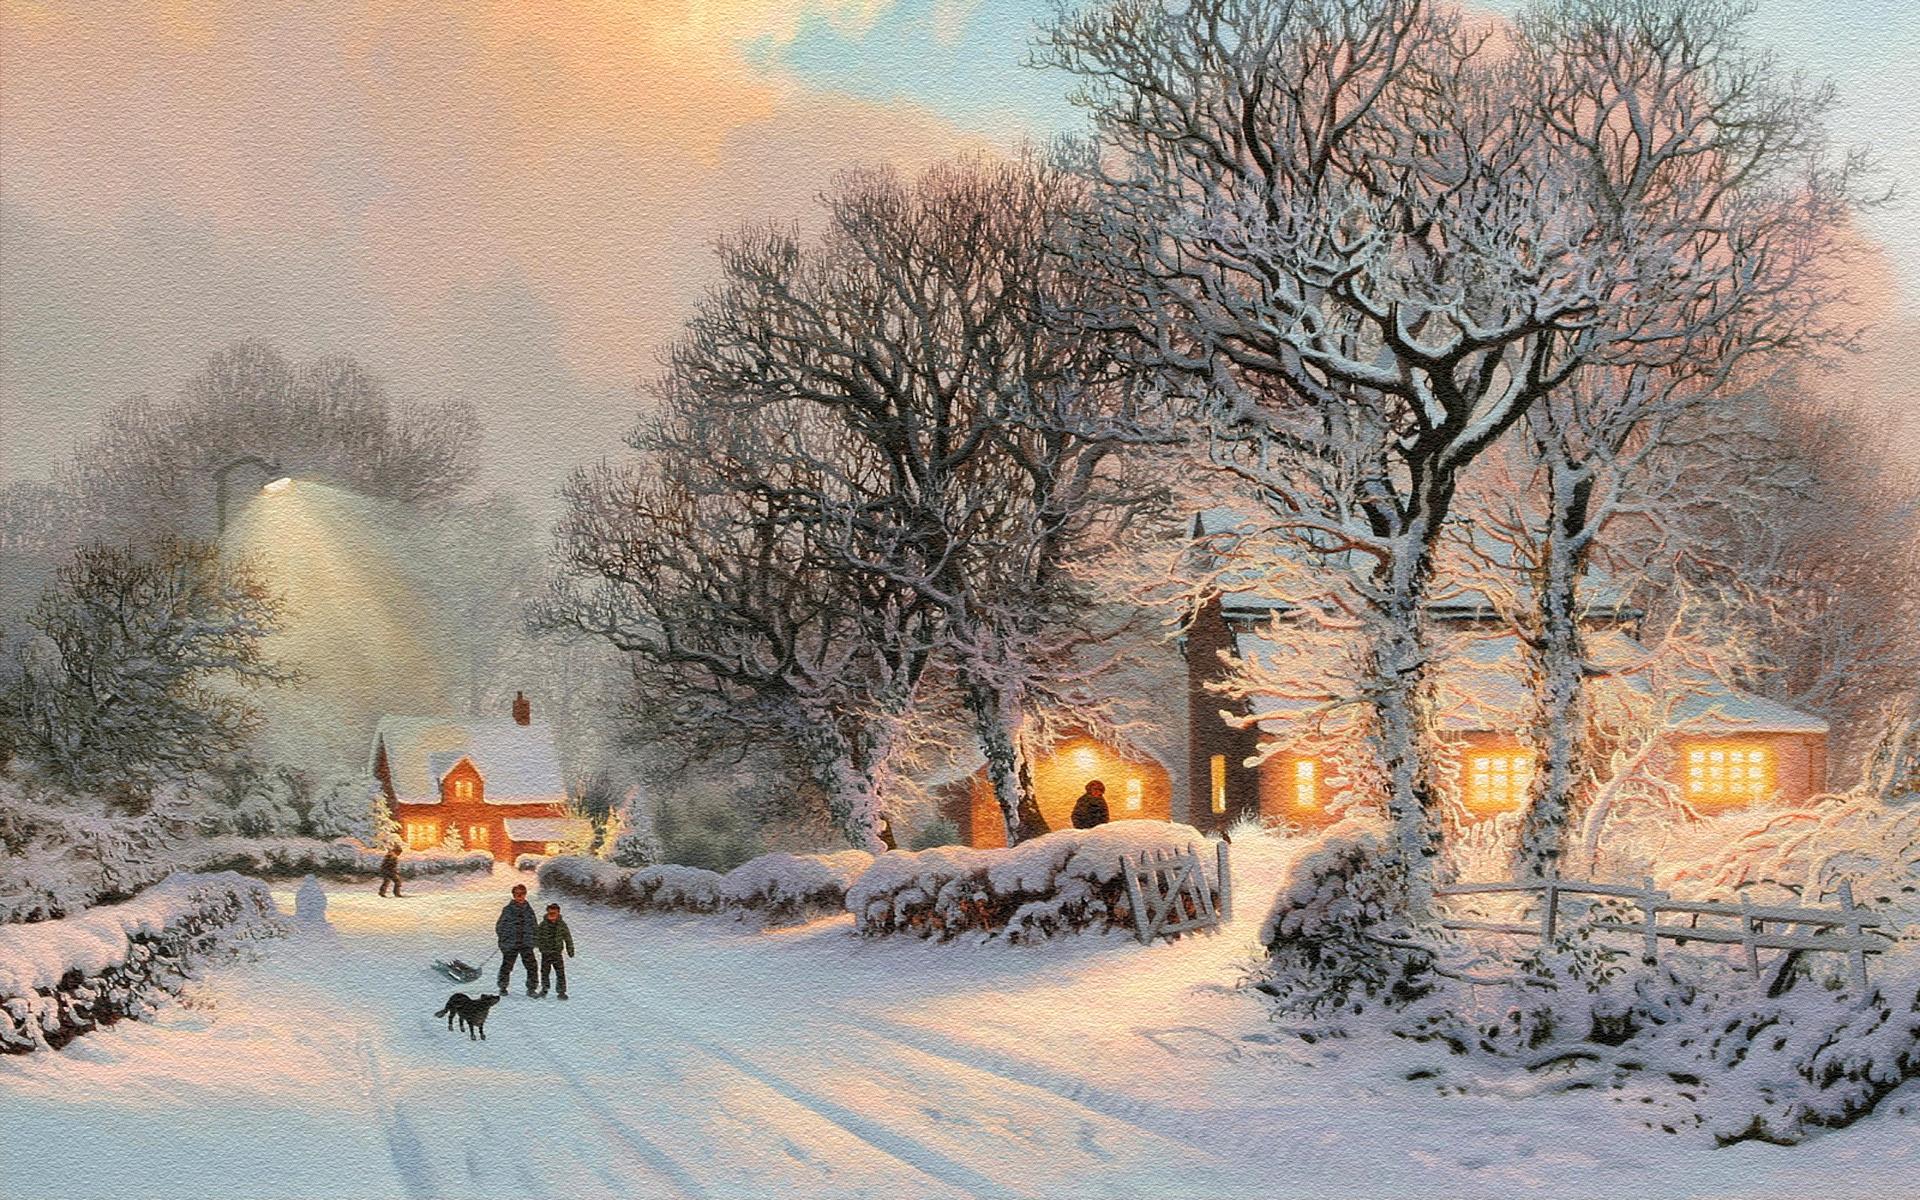 Nyc Winter Scenes Wallpaper Wallpapersafari